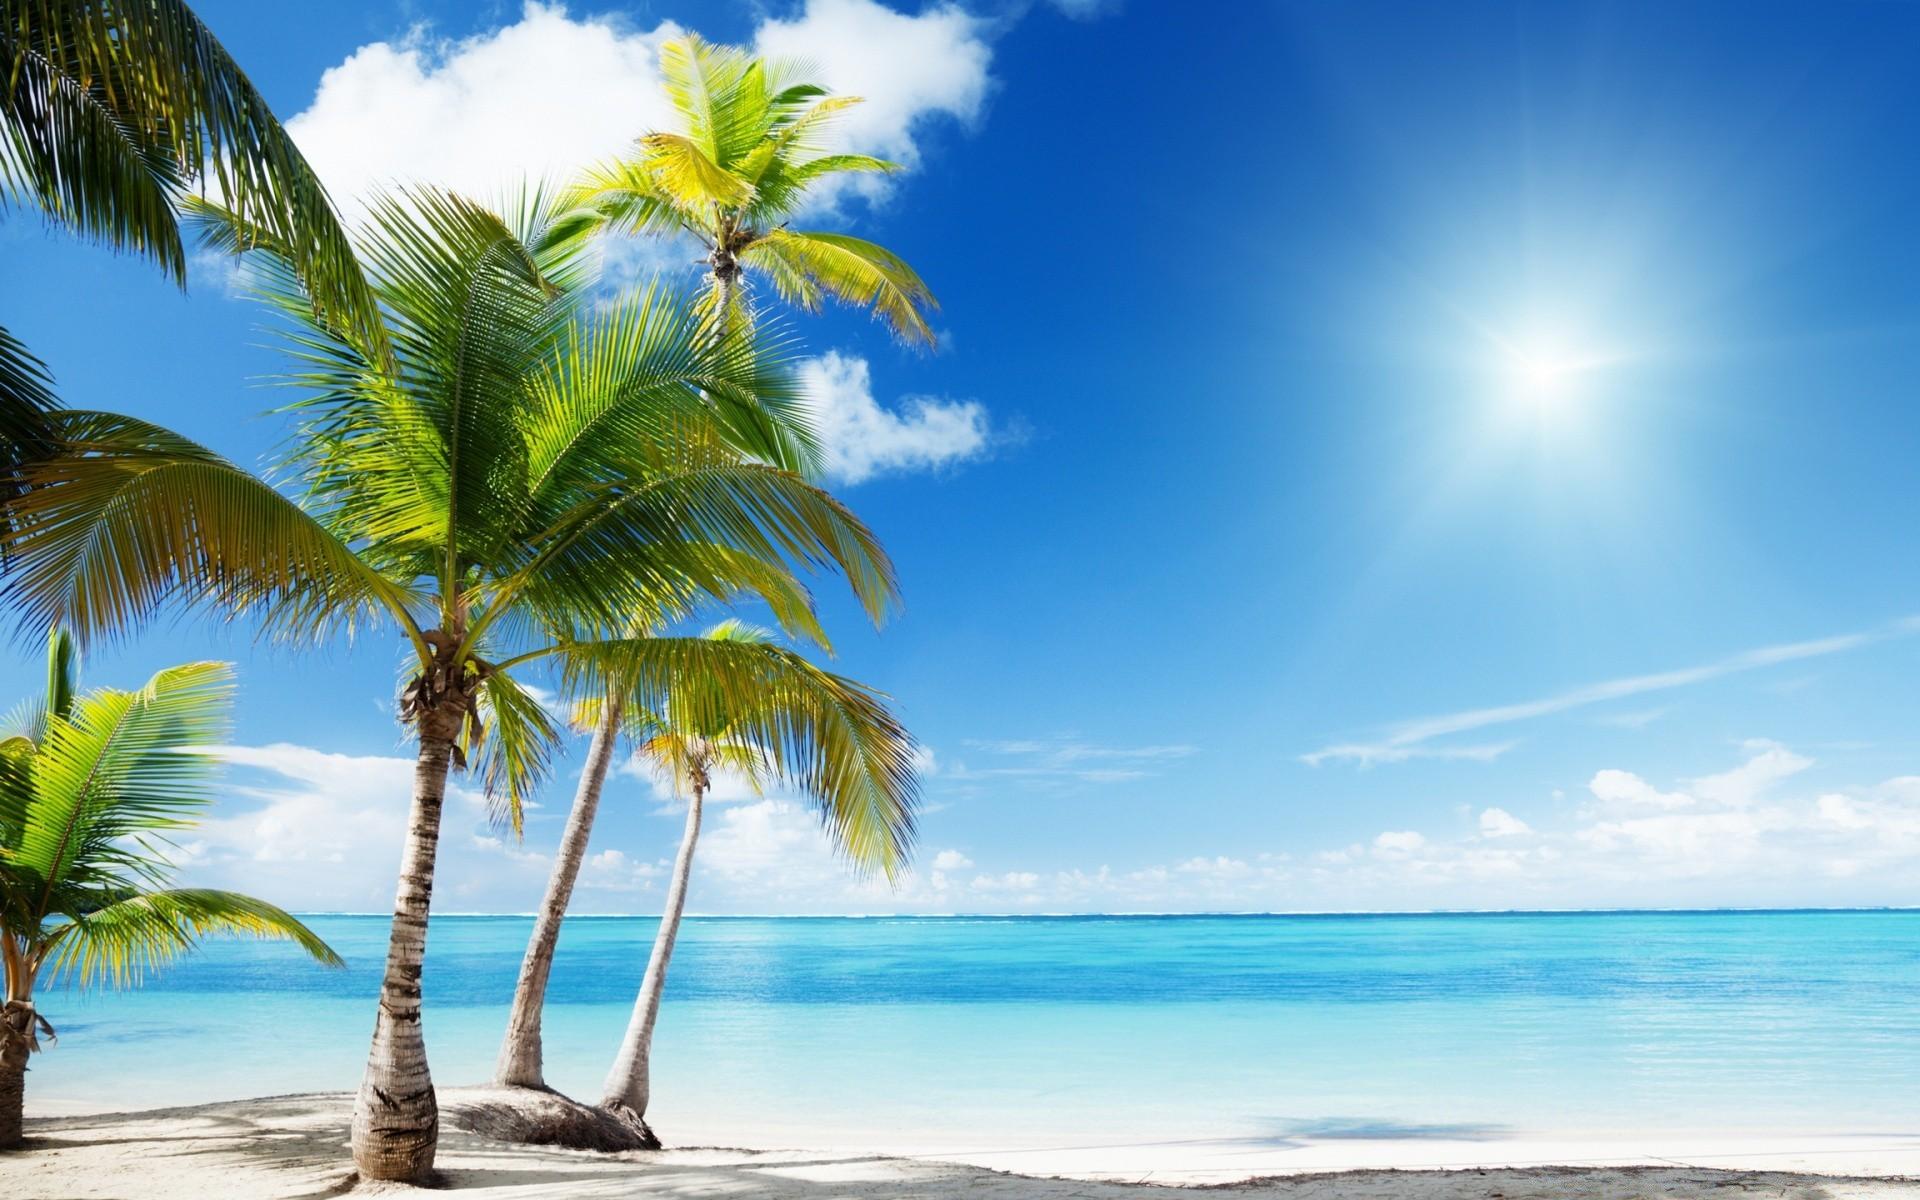 3d пляж обои на рабочий стол № 562217 бесплатно